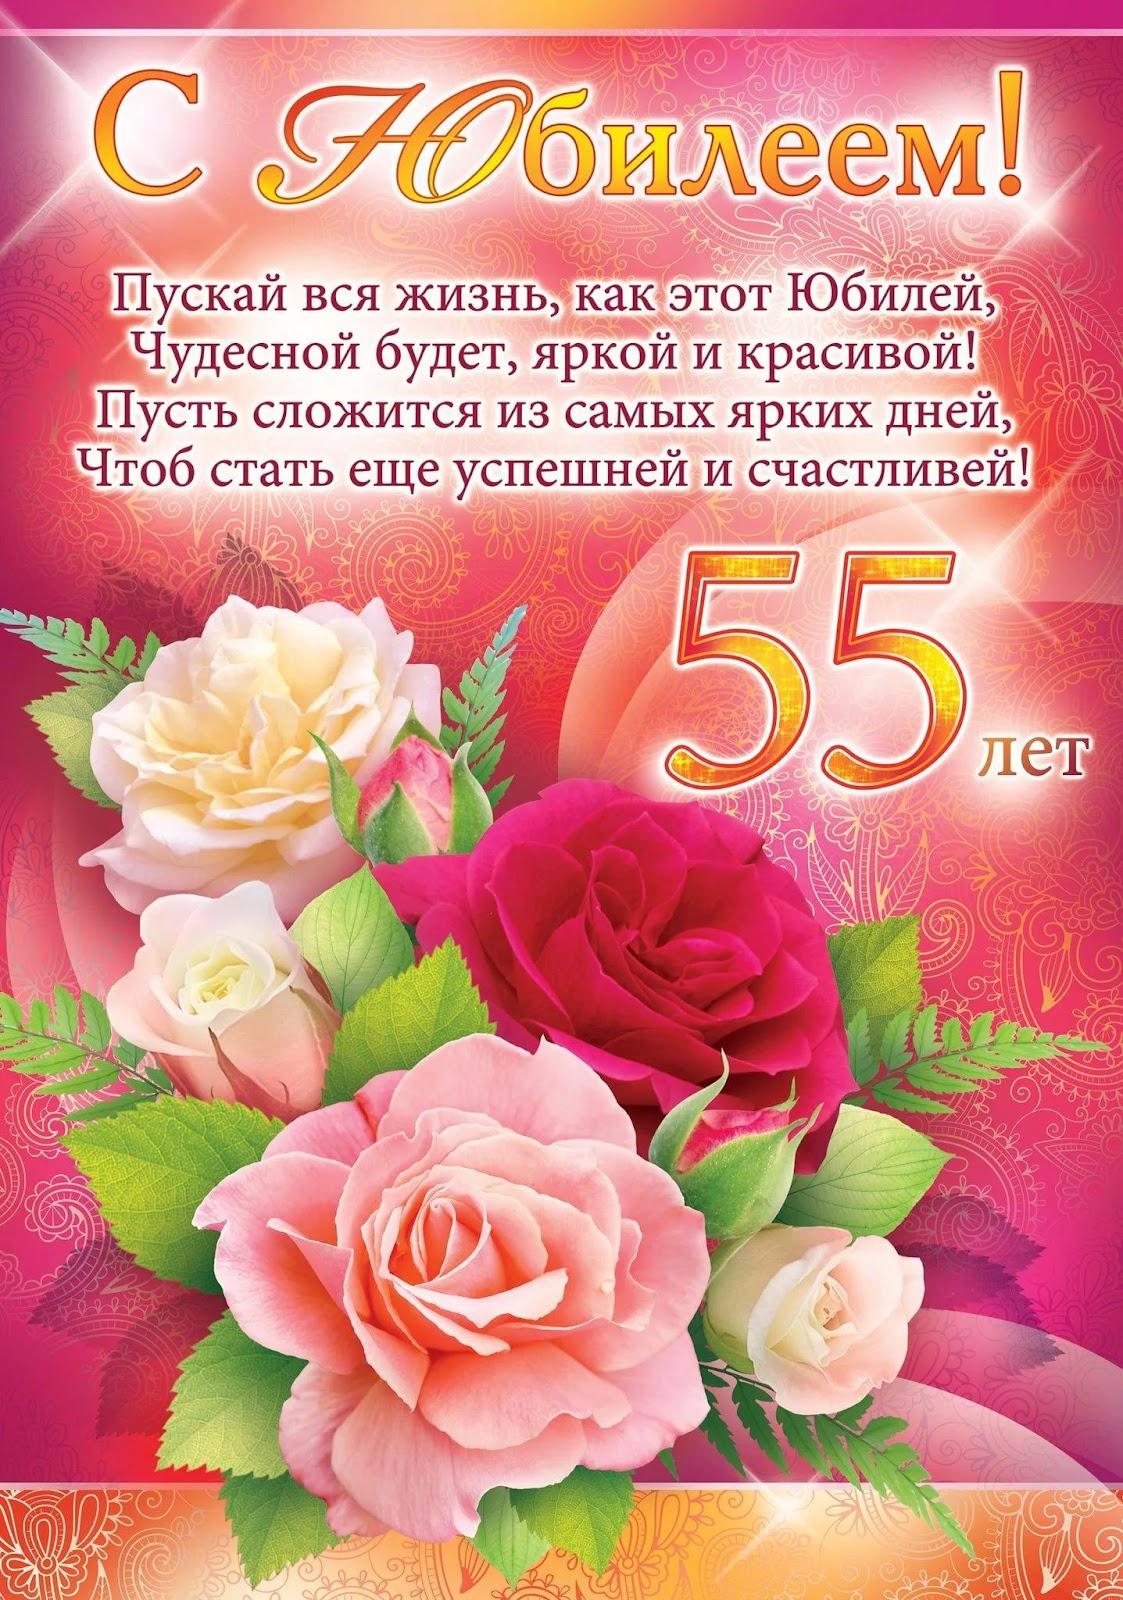 https://im0-tub-ru.yandex.net/i?id=b3f49ec13d144c151776abae25693643-l&n=13